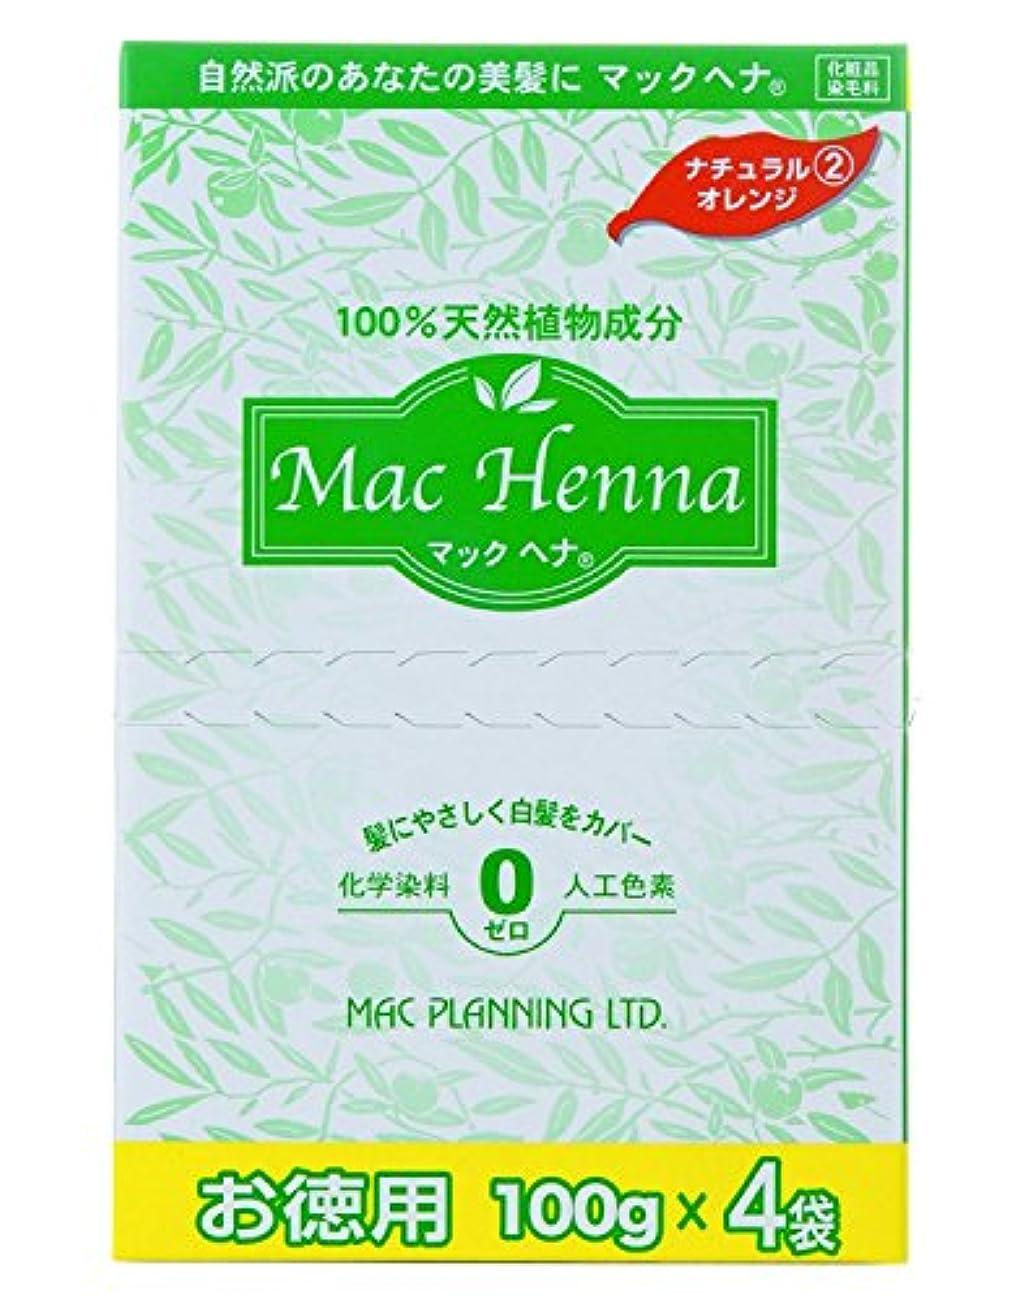 遺産ノートアスペクトマックヘナ お徳用(ナチュラルオレンジ)-2 400g(100g×4袋)